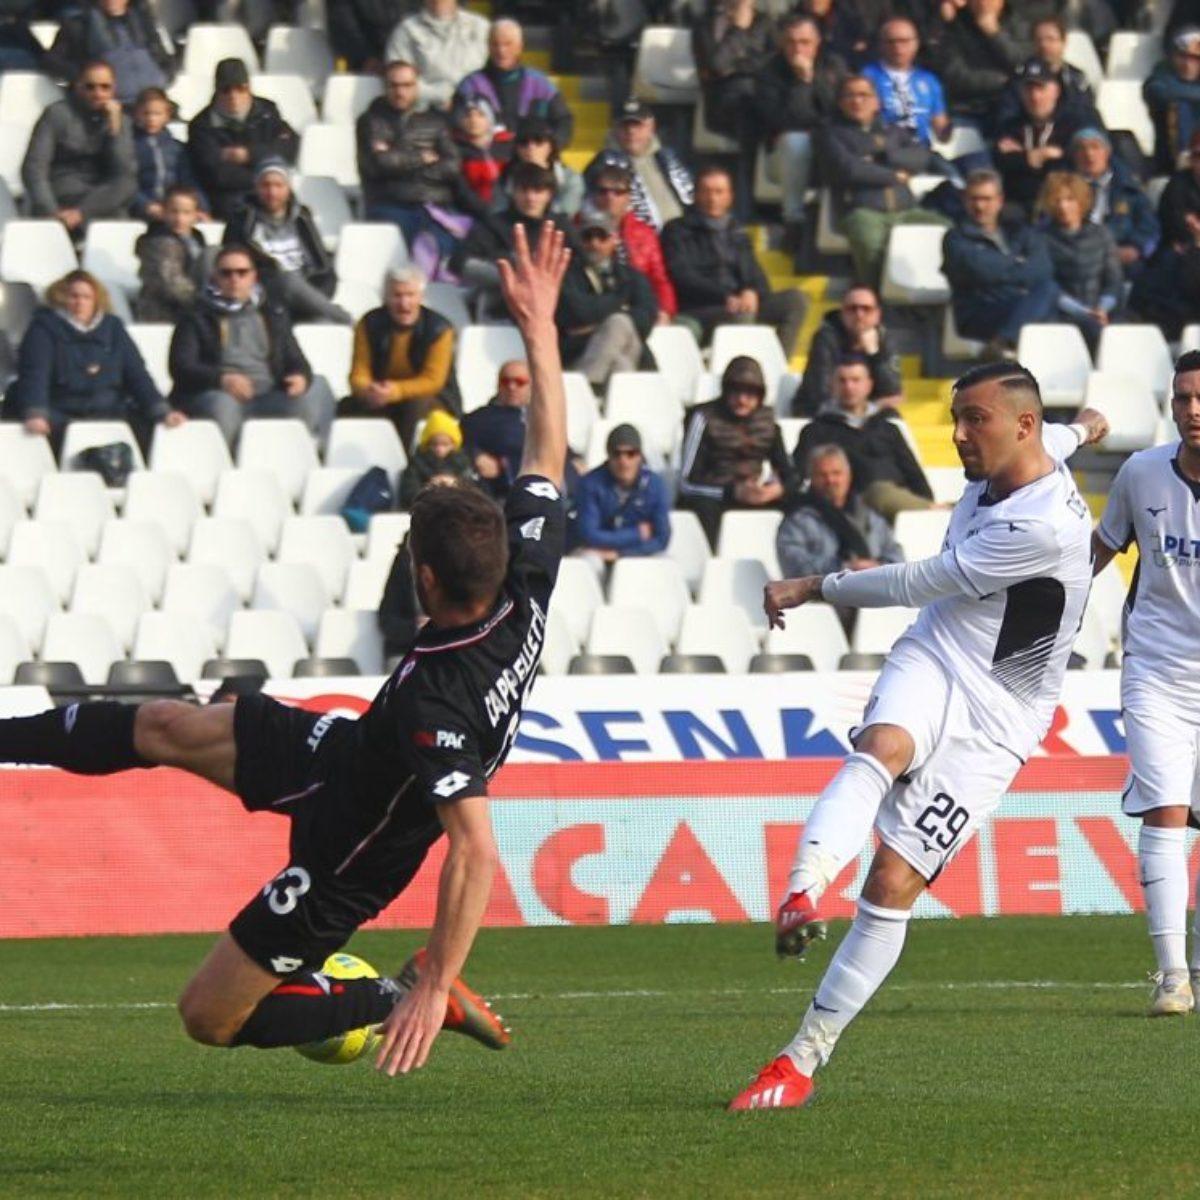 Il Cesena si arrende alla capolista Vicenza (1-3)